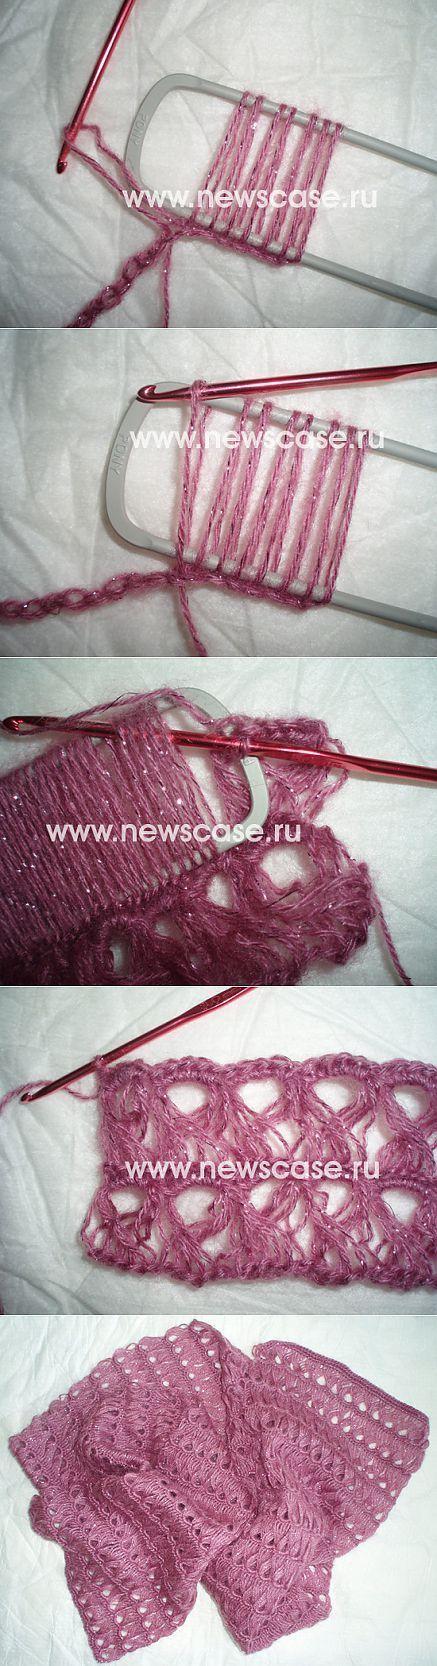 Перуанское вязание. Мастер-класс Шарфик. [] #<br/> # #Hairpin #Lace,<br/> # #Kitten,<br/> # #Things,<br/> # #Tissue,<br/> # #Scarves<br/>